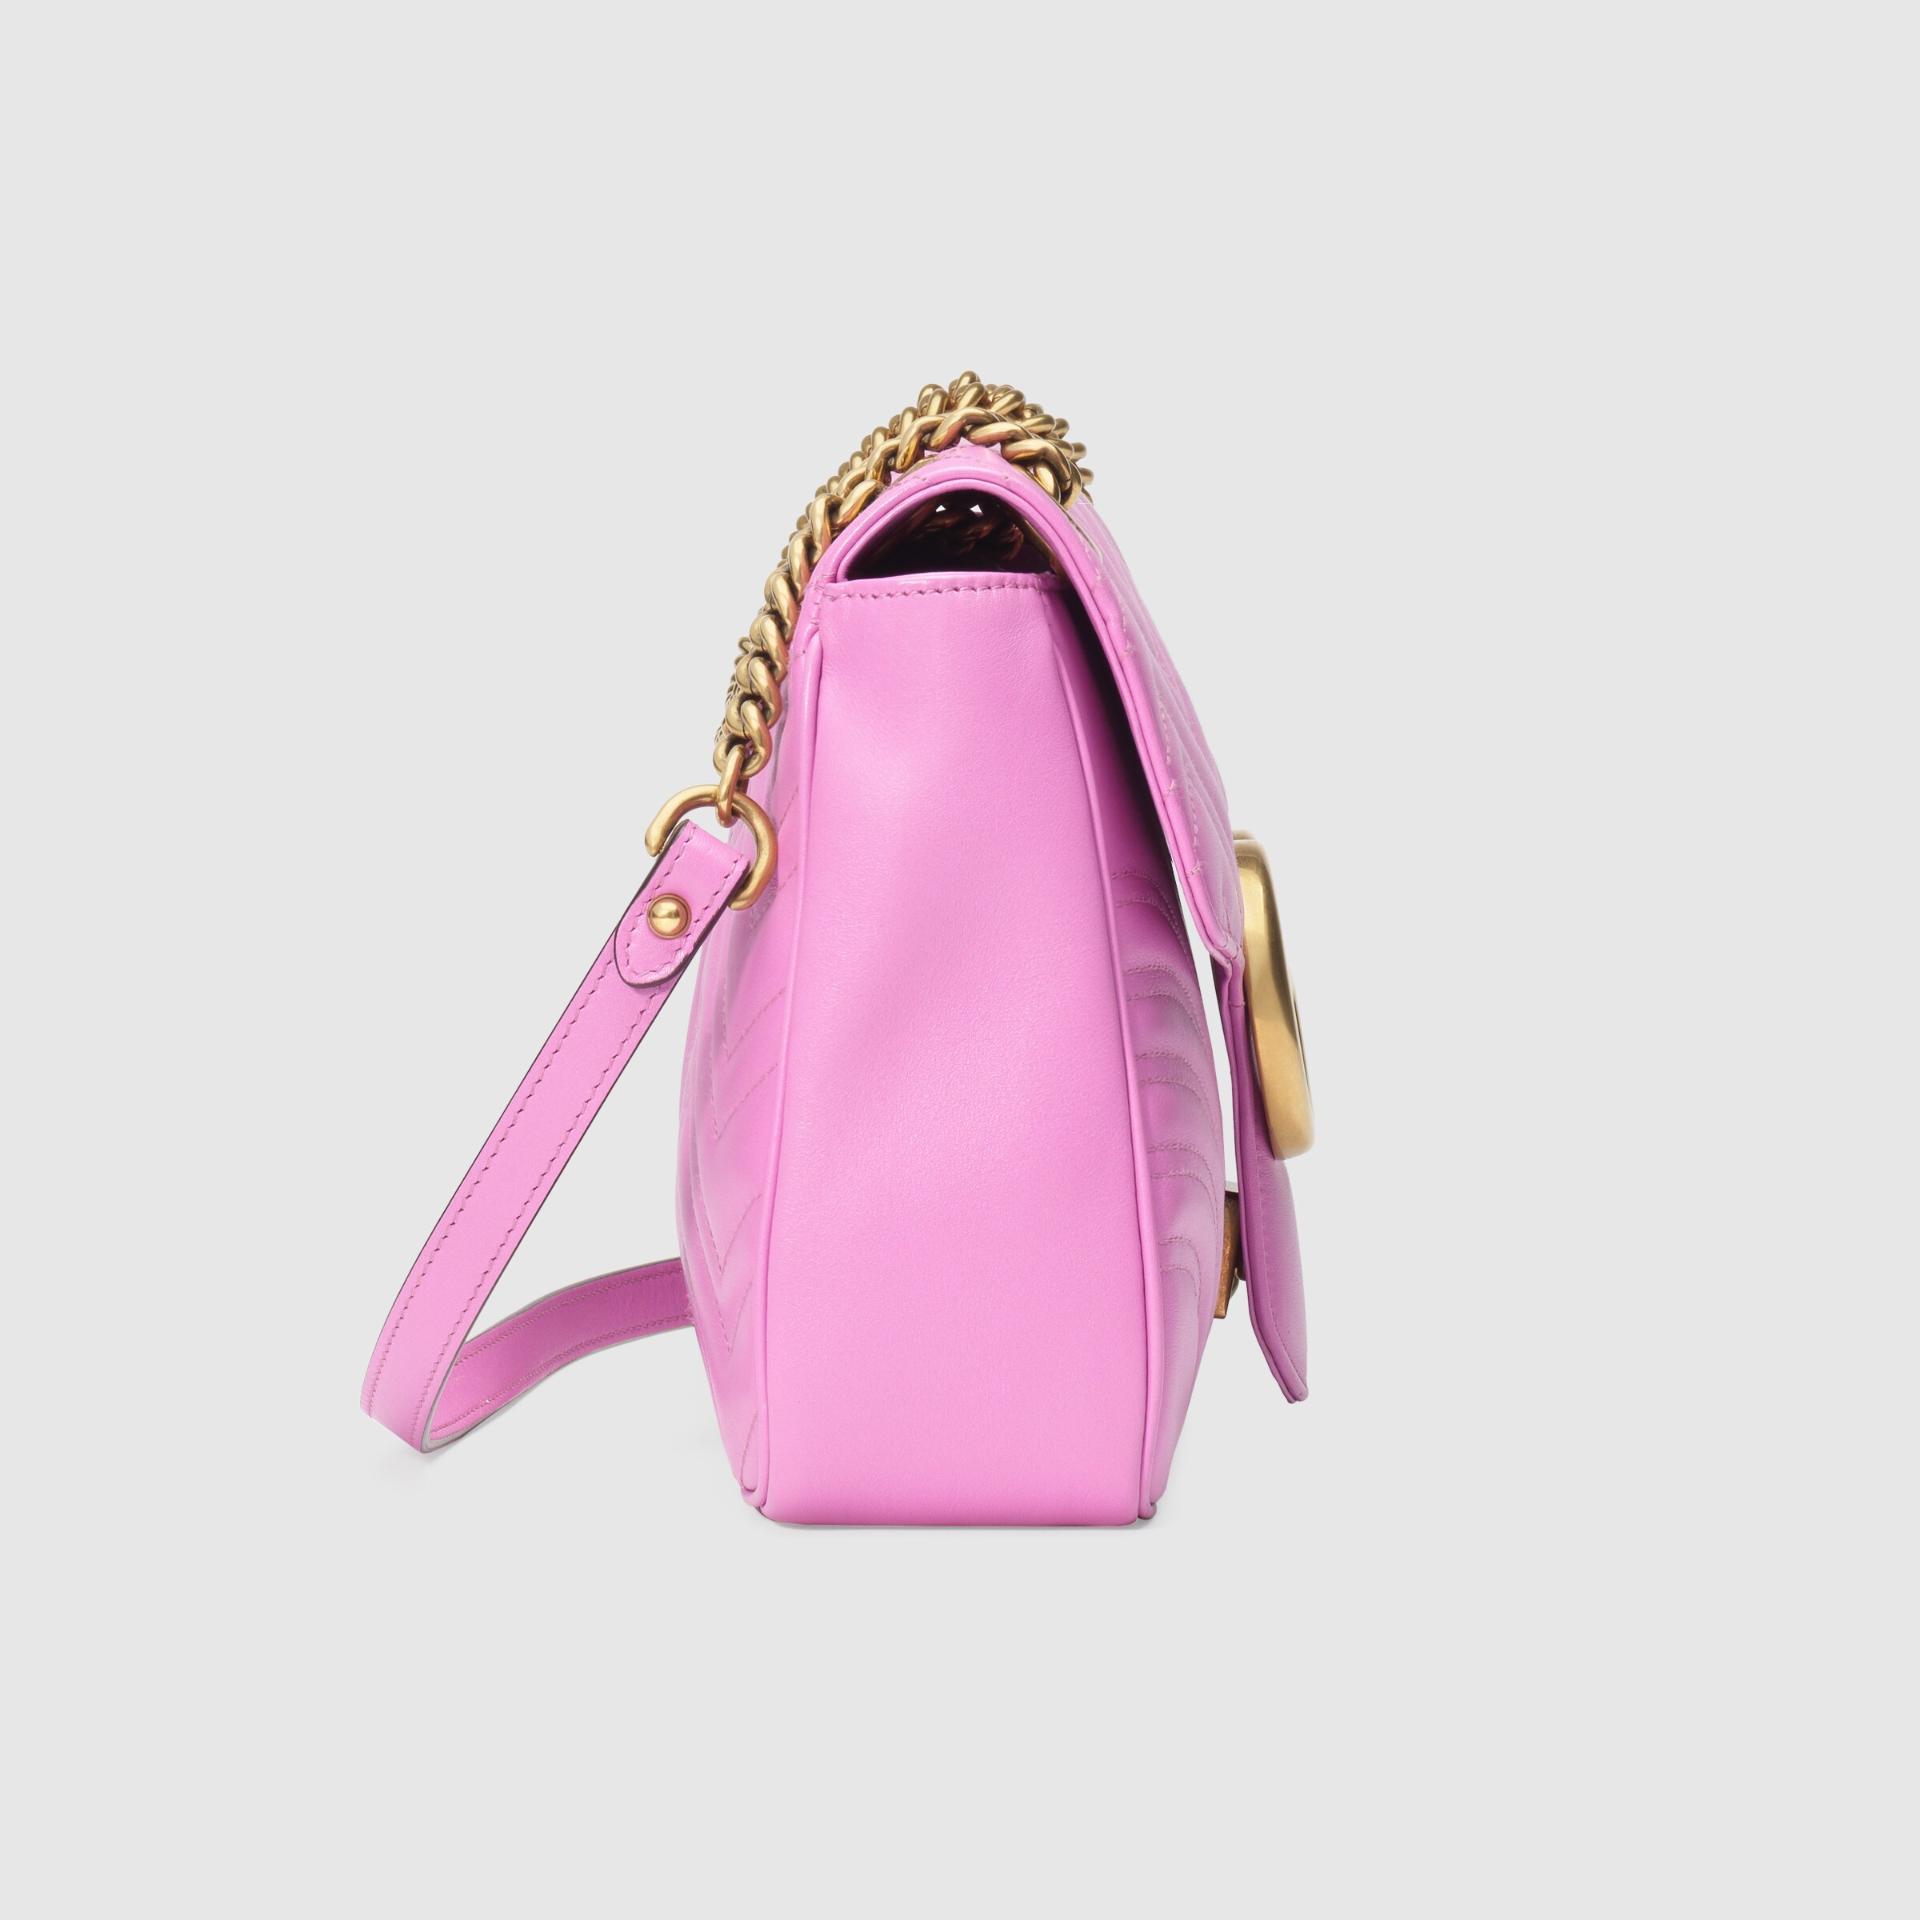 유럽직배송 구찌 GUCCI Gucci 2016 Re-Edition GG Marmont bag 443496DTDIR5554